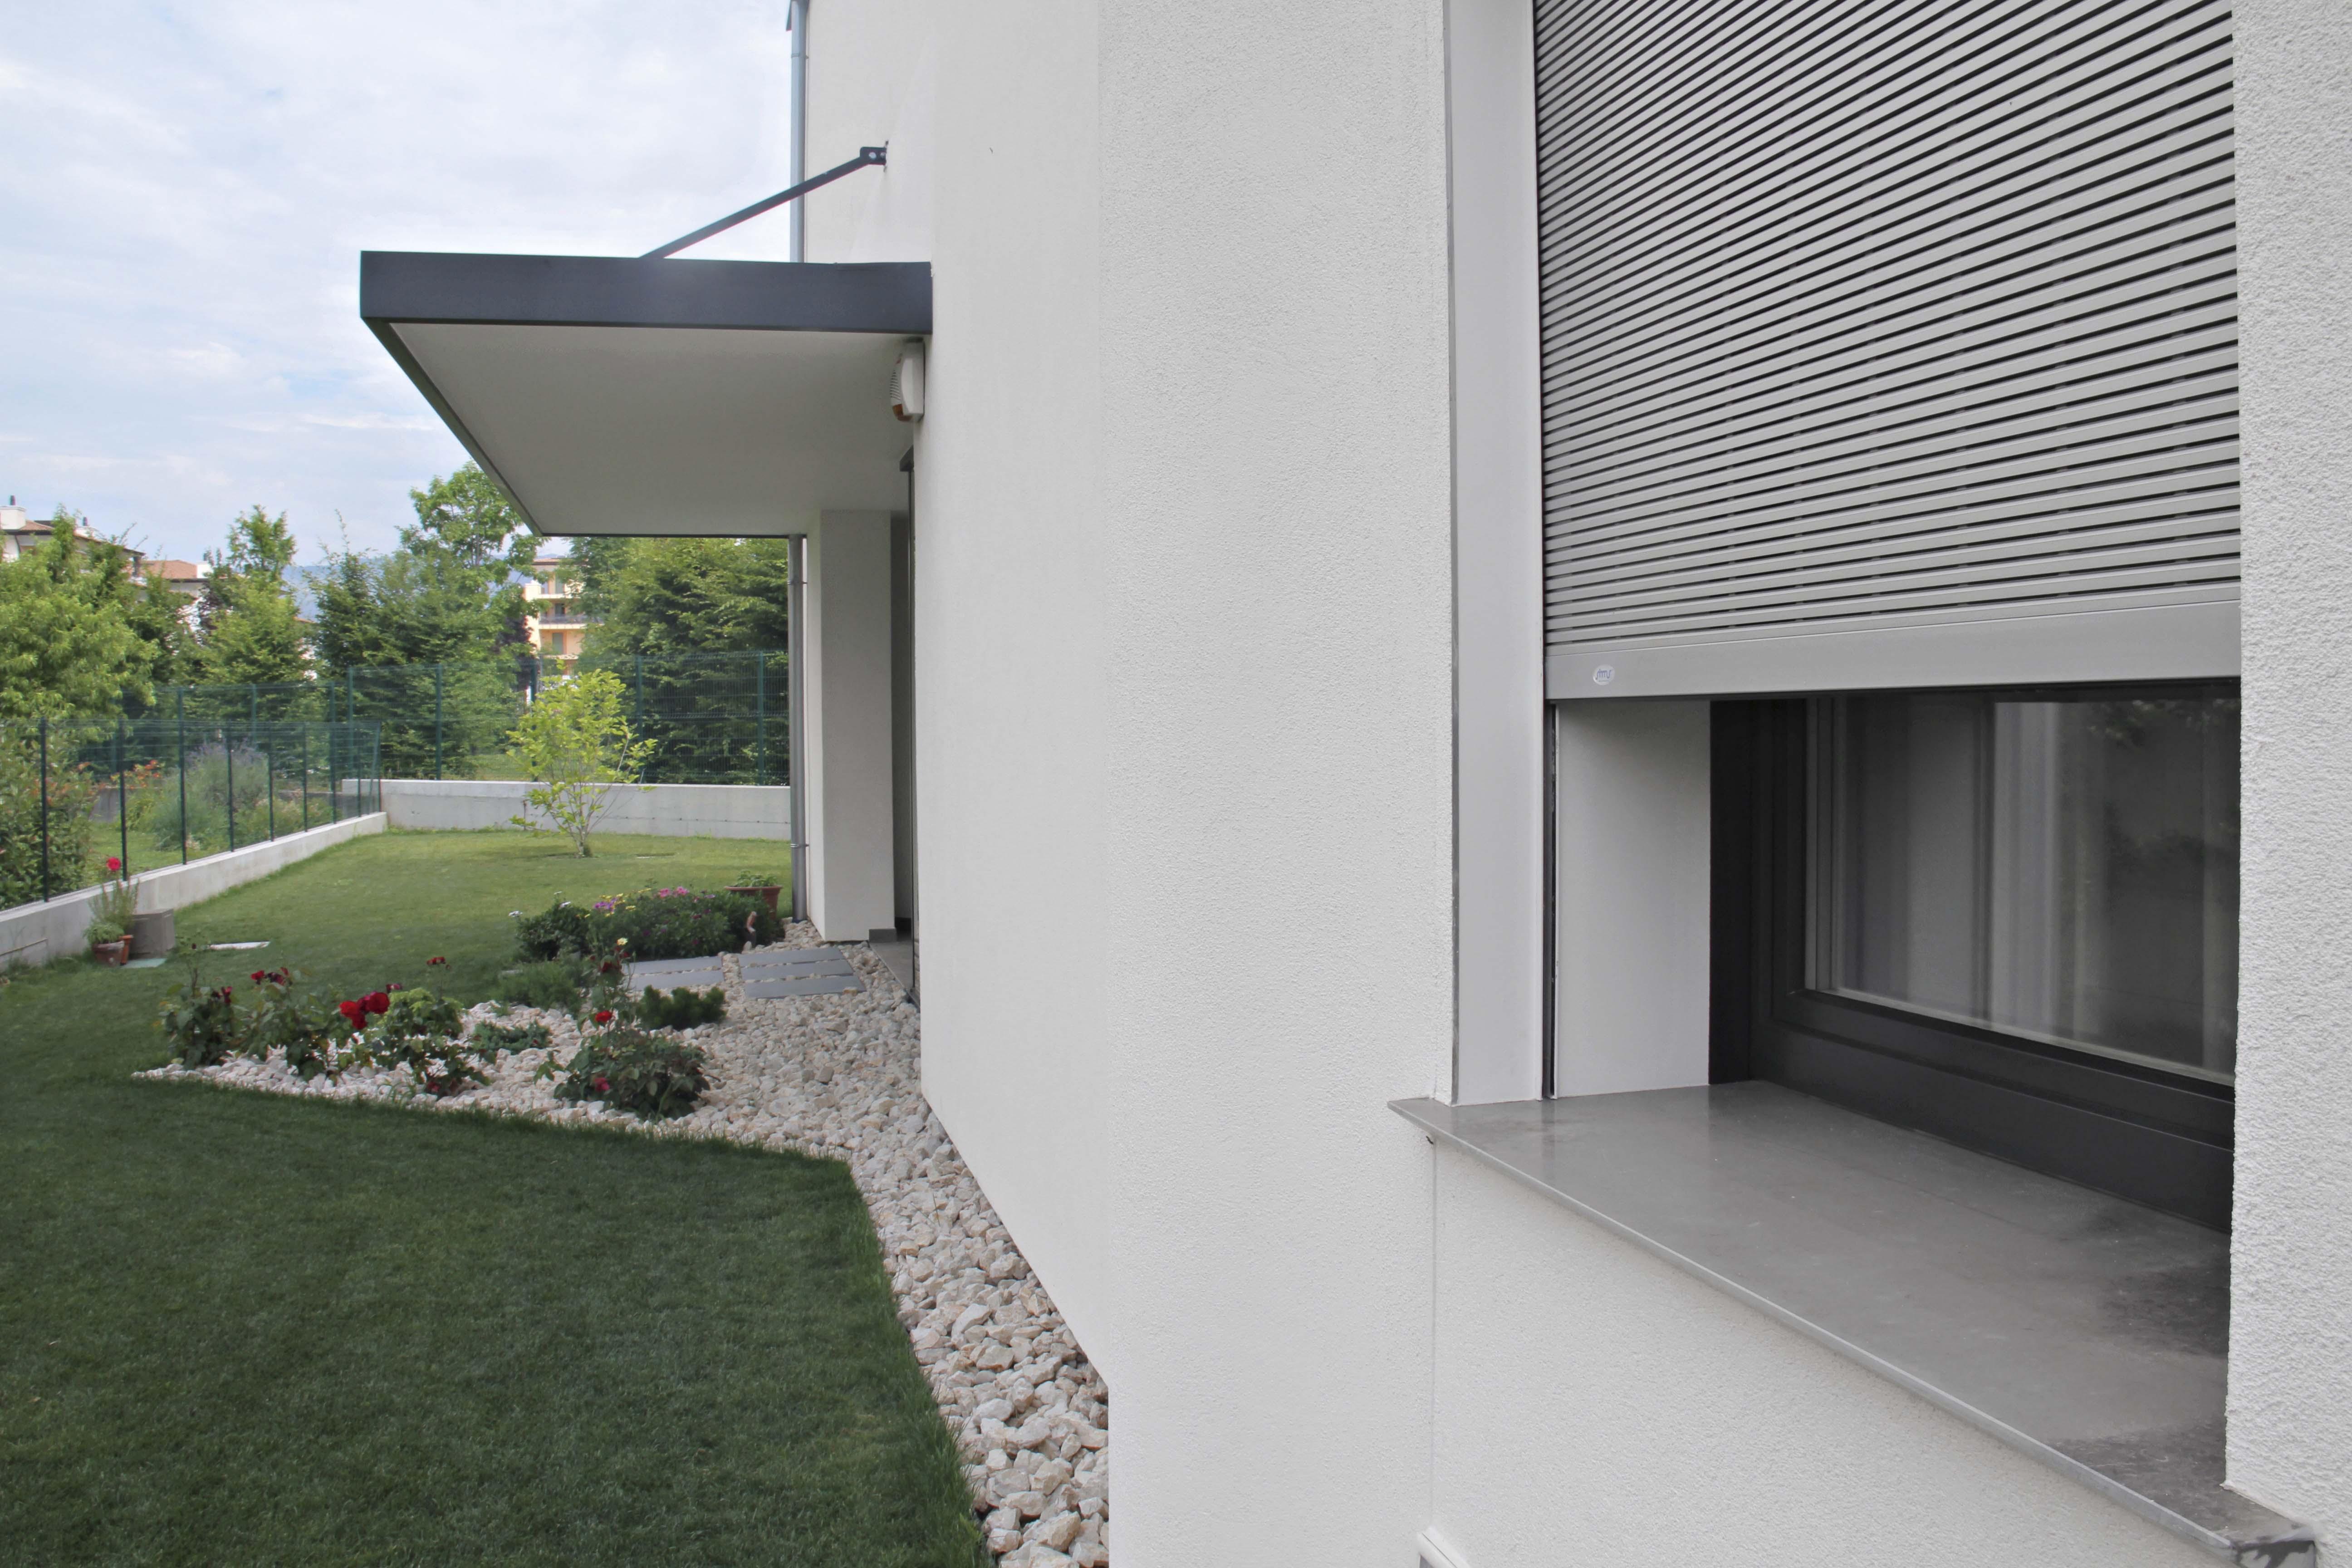 Impronta serramenti avvolgibili - Frangisole esterni per finestre ...